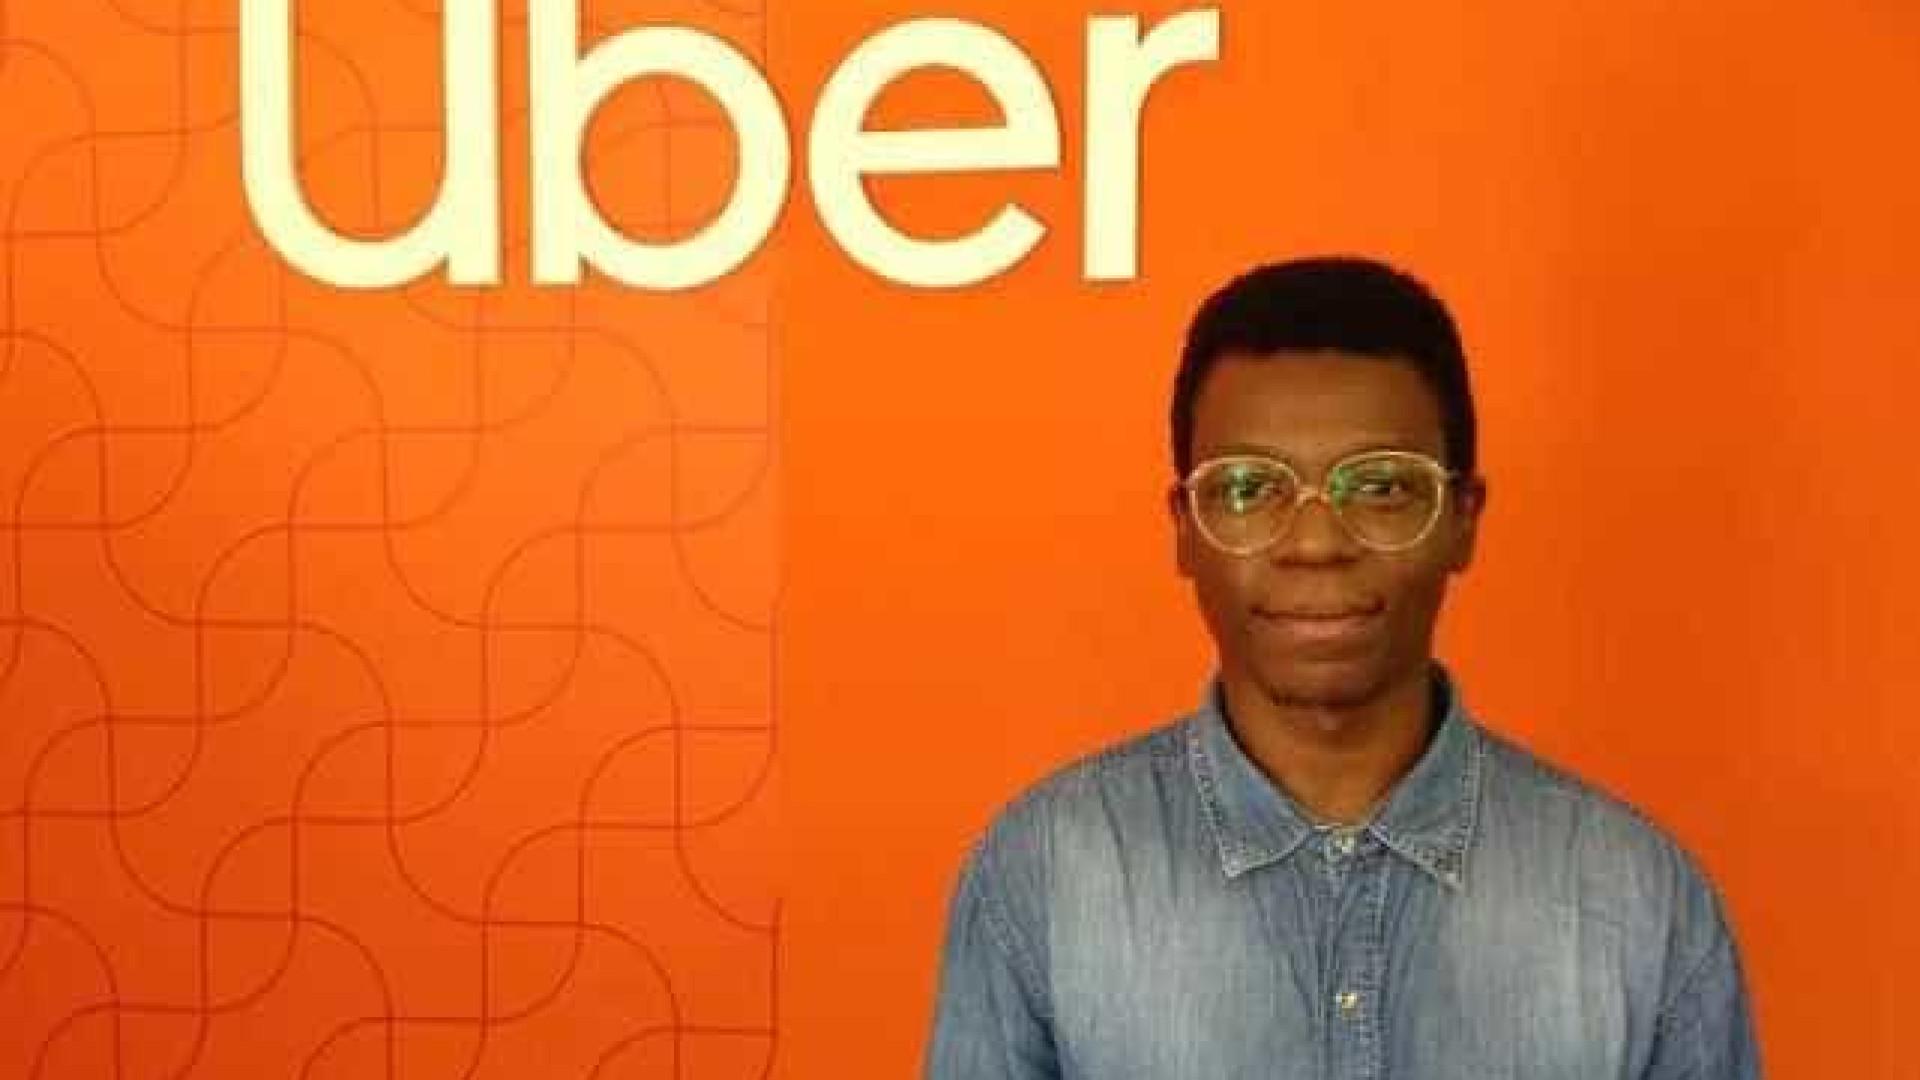 Ator de 'Cidade de Deus' ganha a vida como motorista de aplicativo